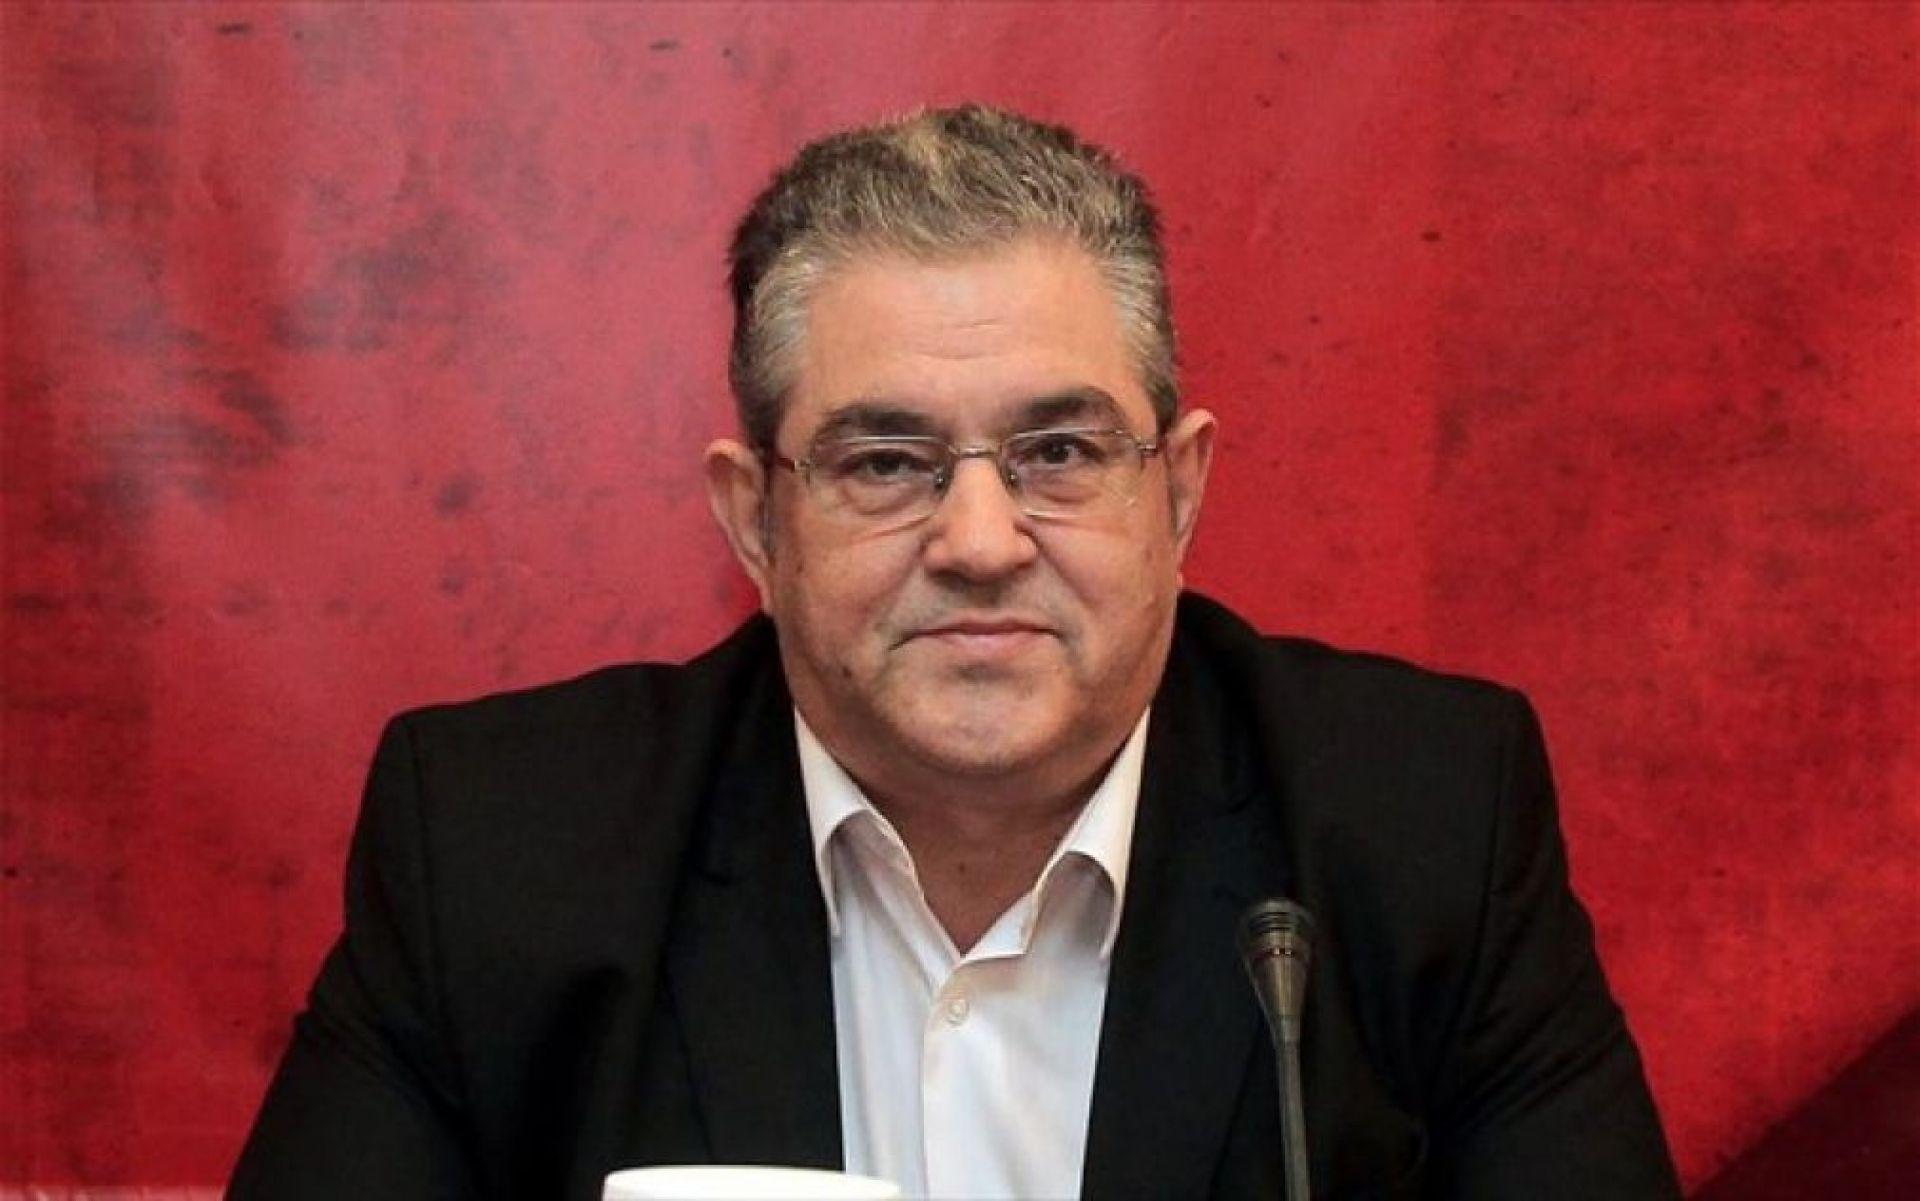 Πάτρα: Δ. Κουτσούμπας σε Κ. Πελετίδη: «Είστε ένας Δήμος που διεκδικεί»